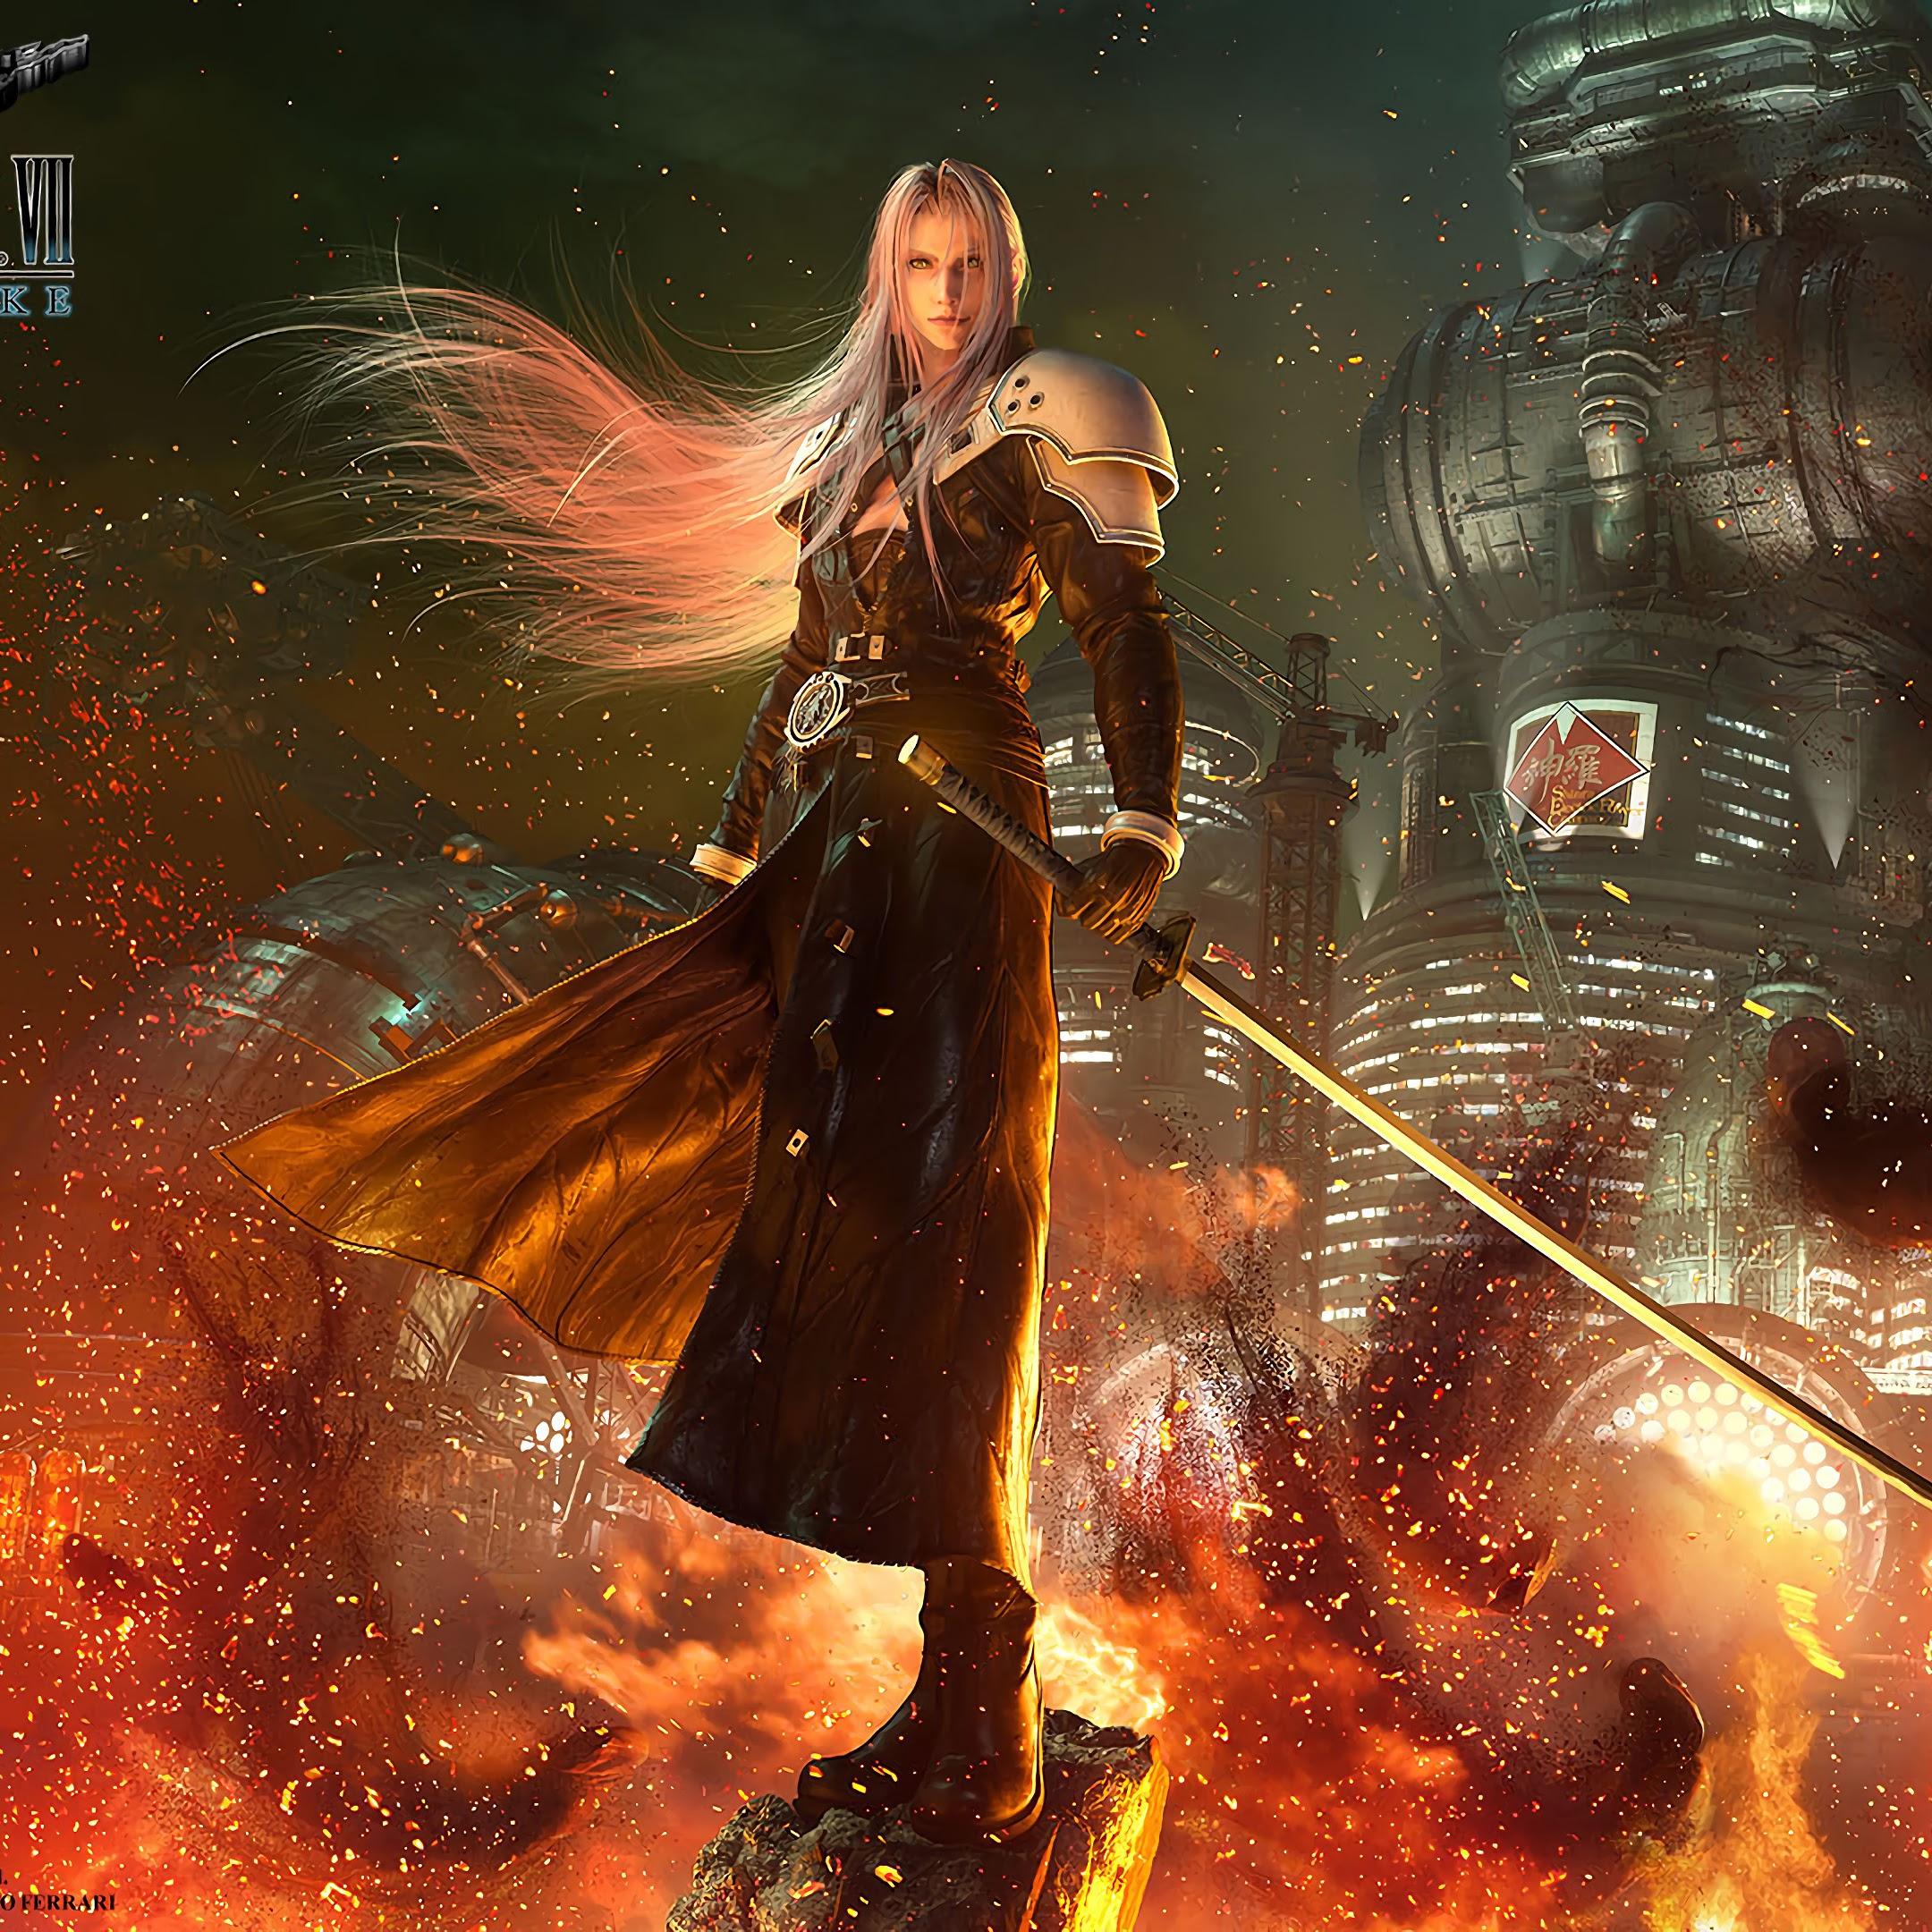 Sephiroth, Final Fantasy 7 Remake, 4K, #30 Wallpaper